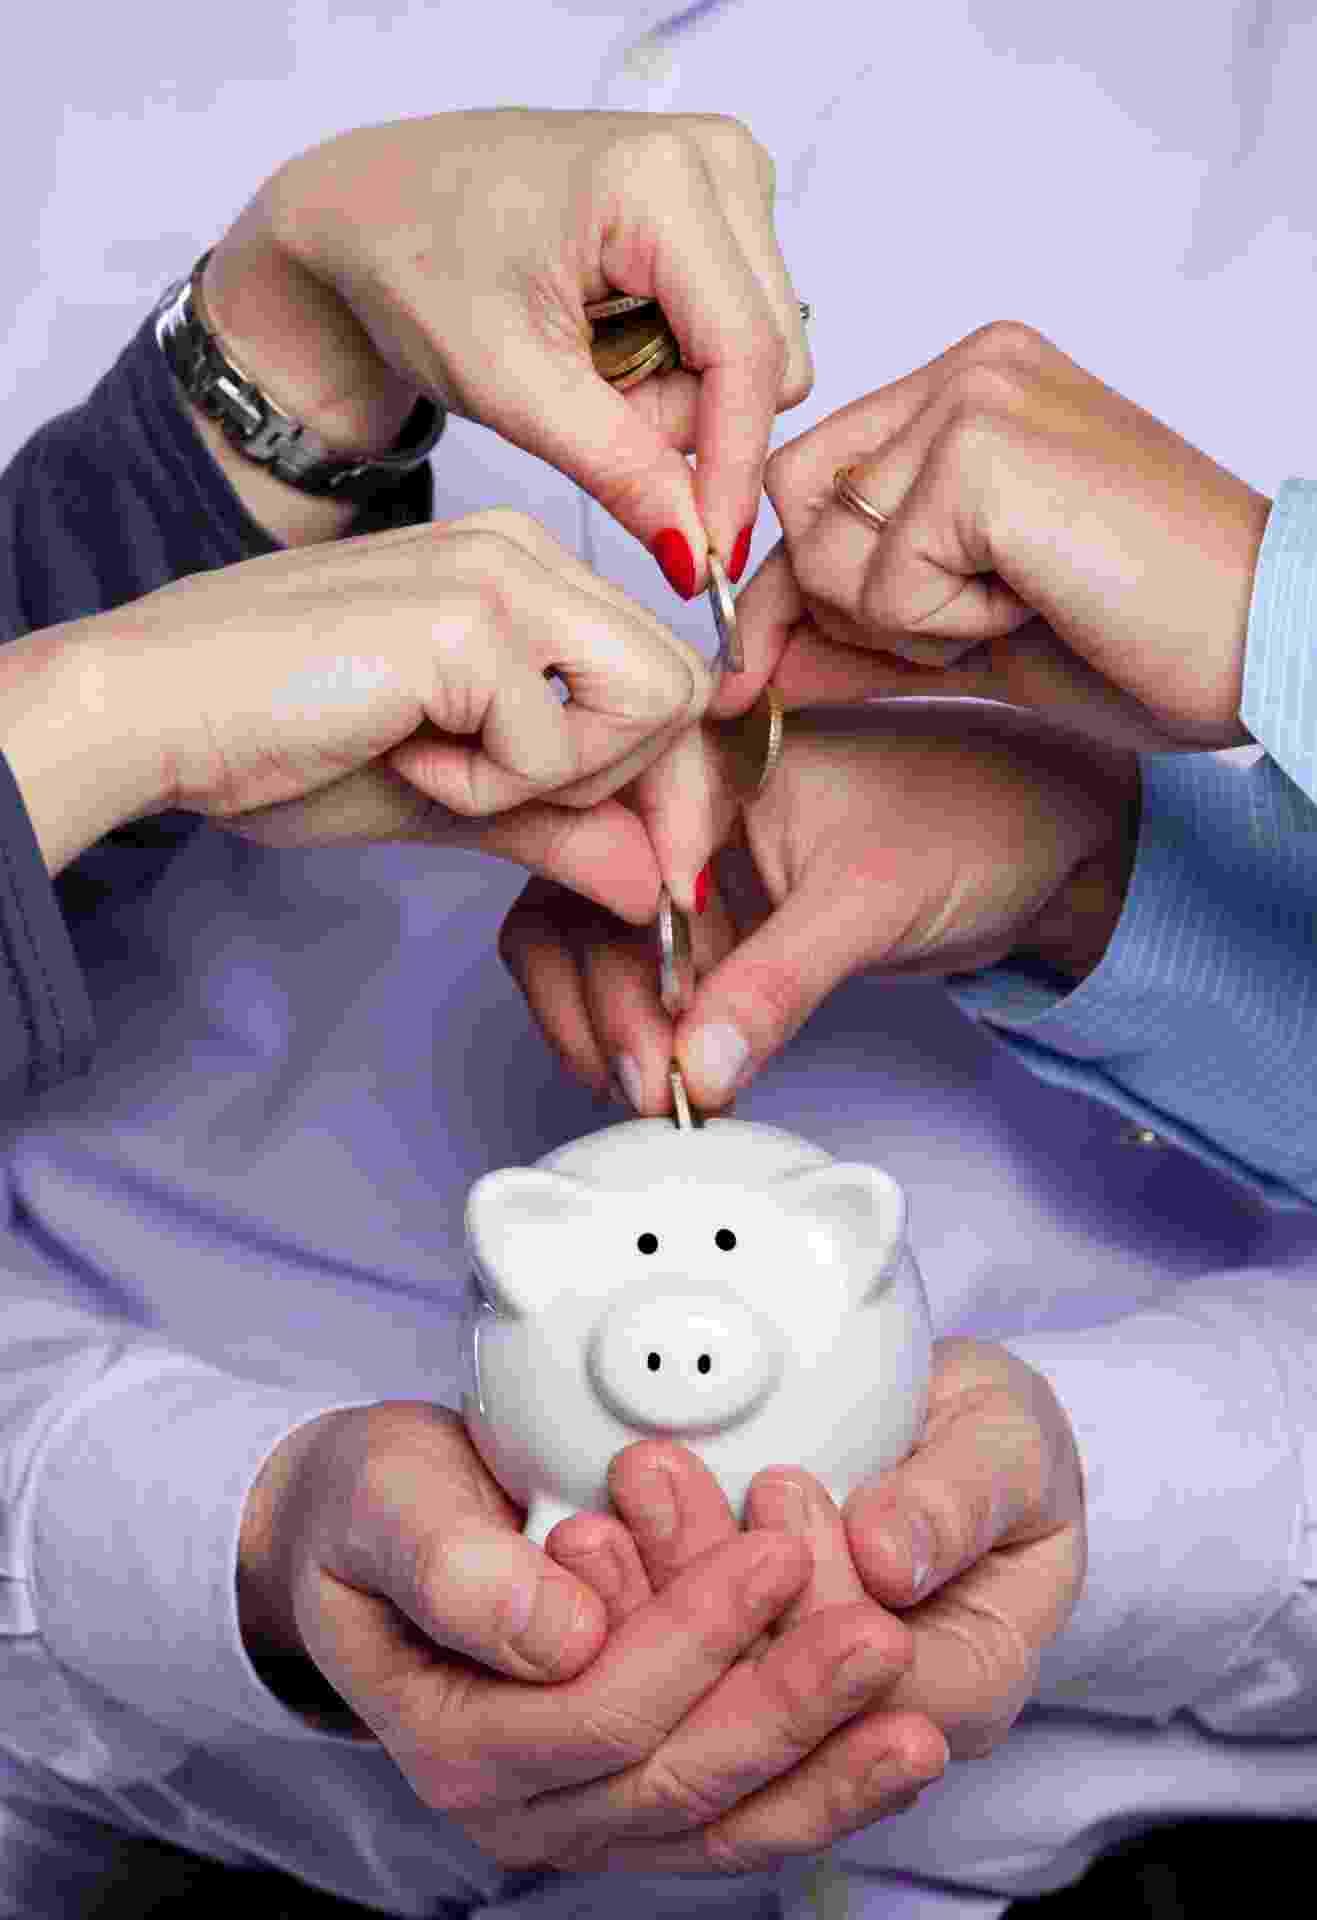 doação coletiva, porquinho, cofre, moedas, doações, várias pessoas doando - Shutterstock